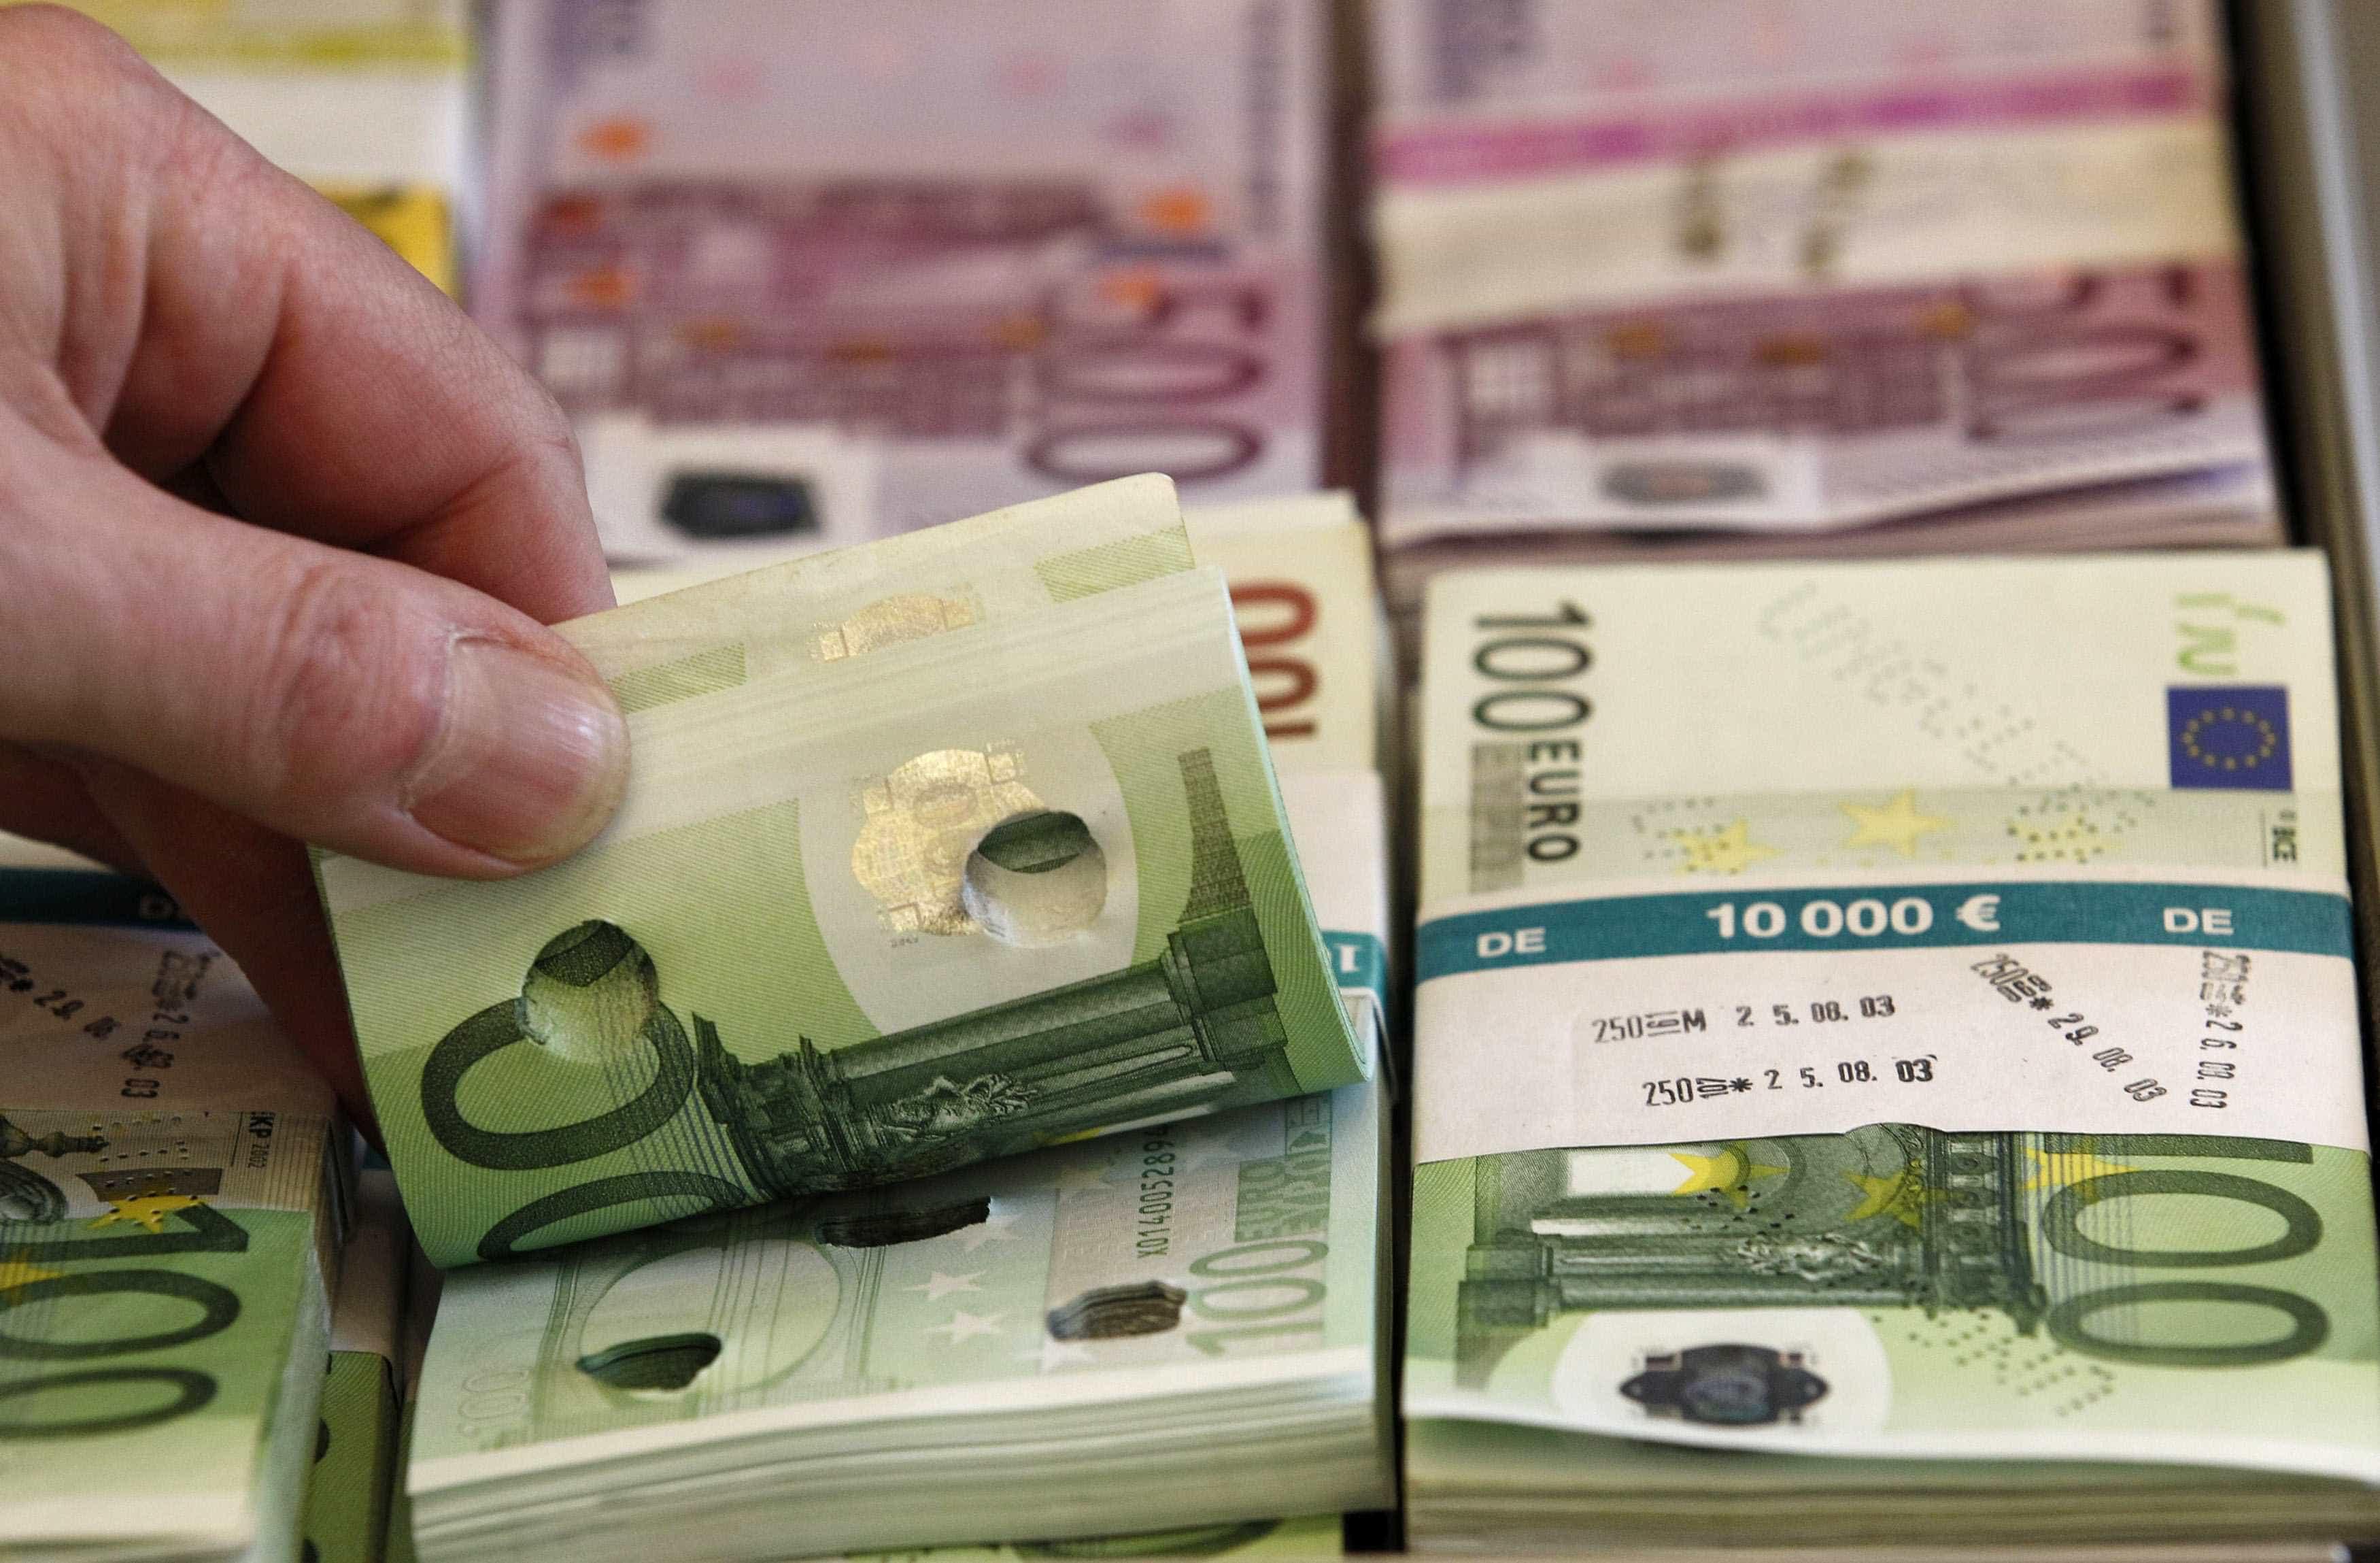 Sindicato dos Quadros e Técnicos bancários lucra 2,2 milhões e cria fundo